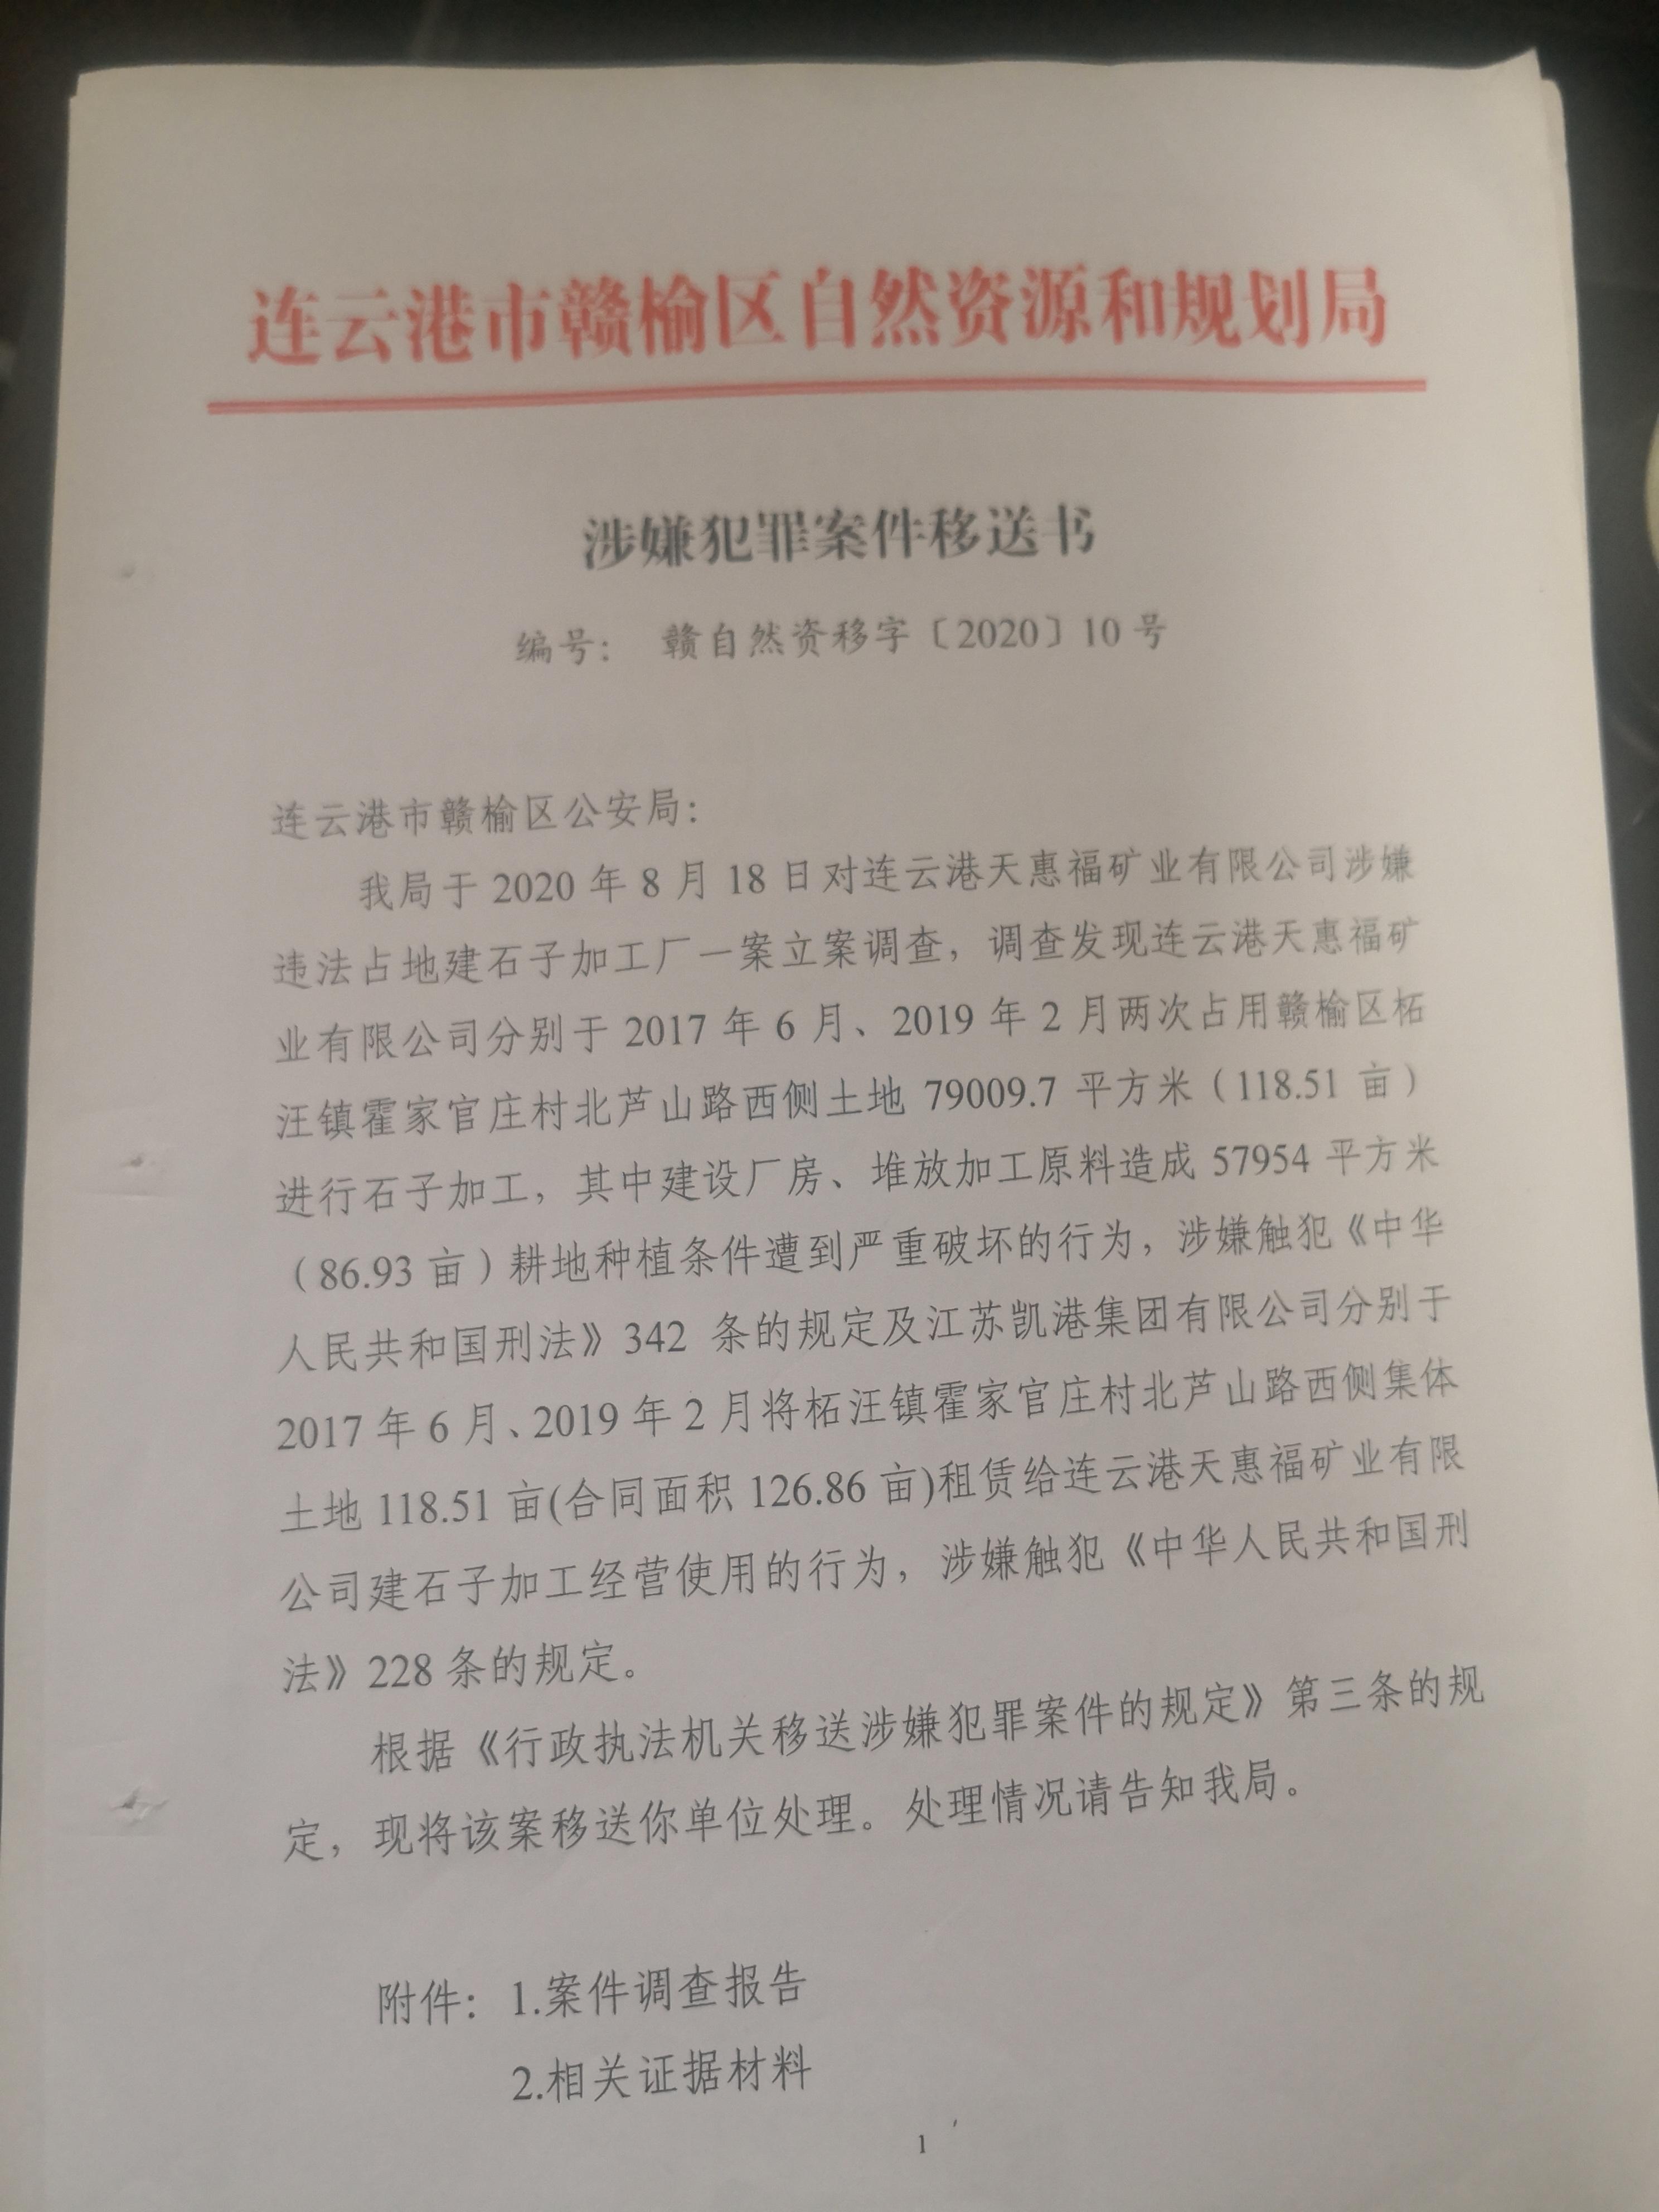 连云港自规局涉嫌犯罪案件移送书.jpg